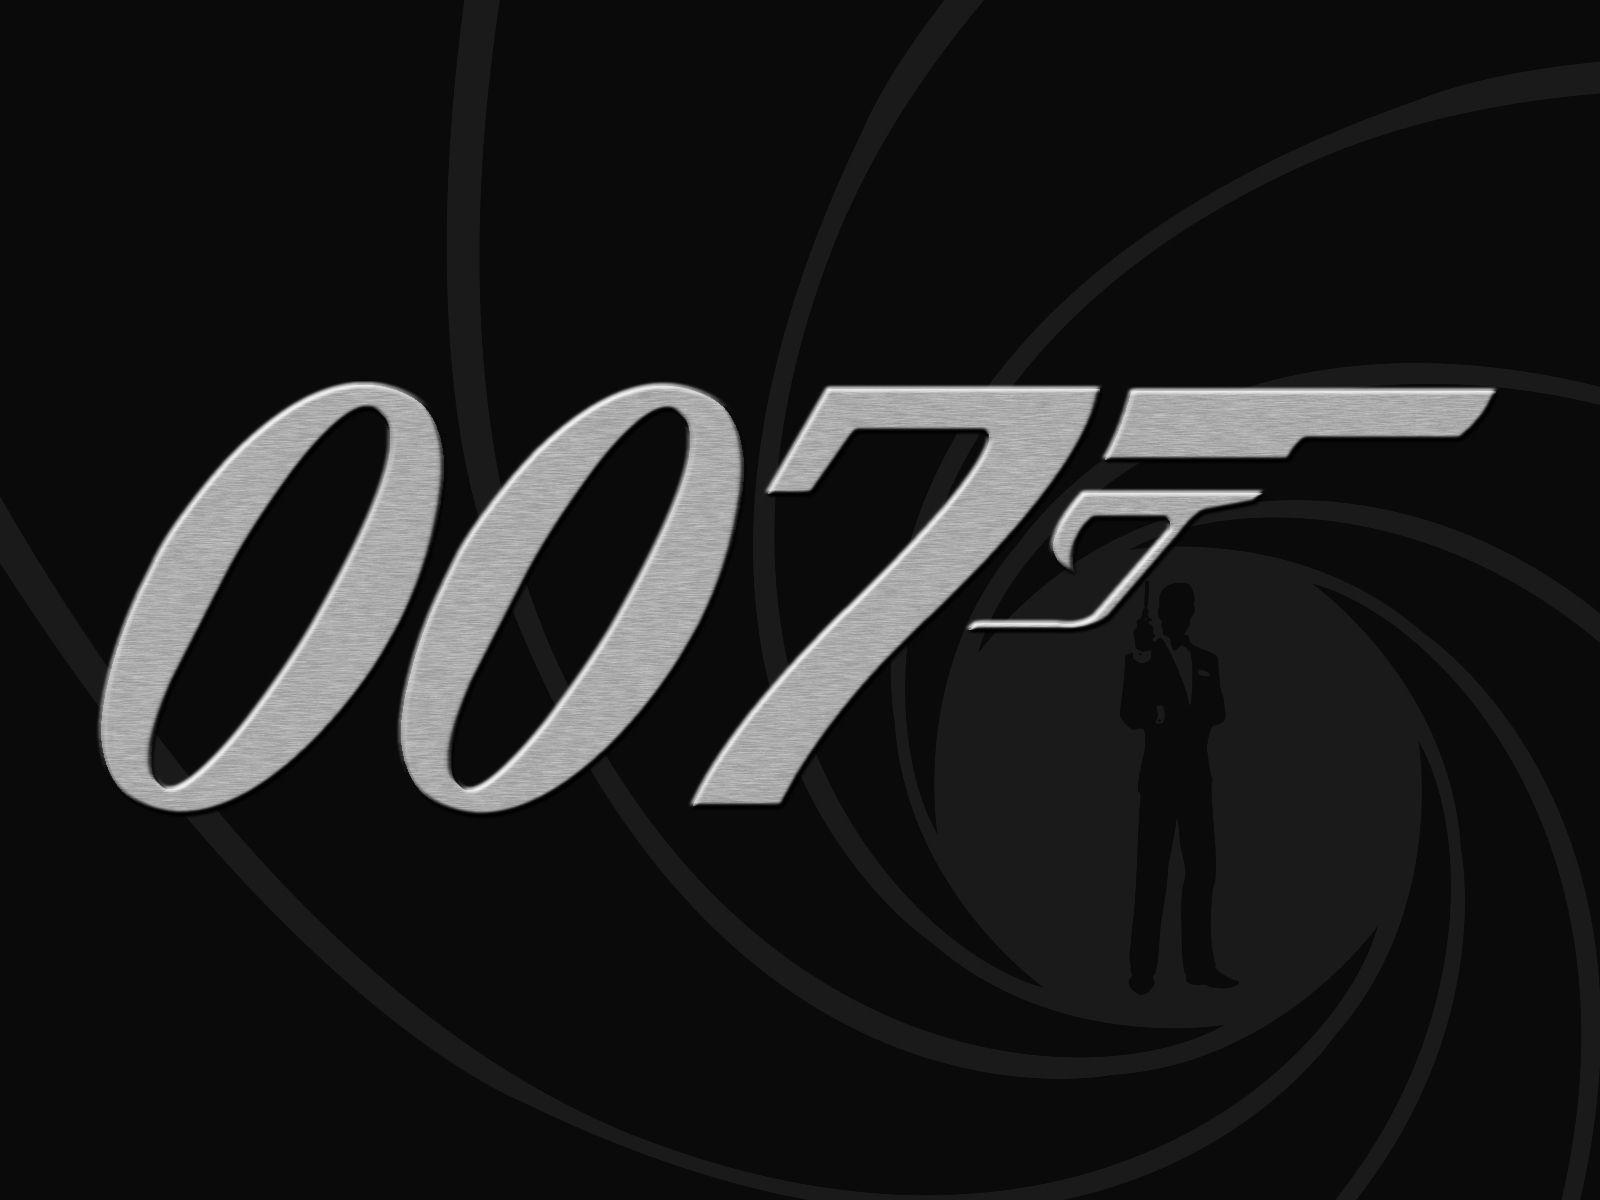 007 migliori colonne sonore